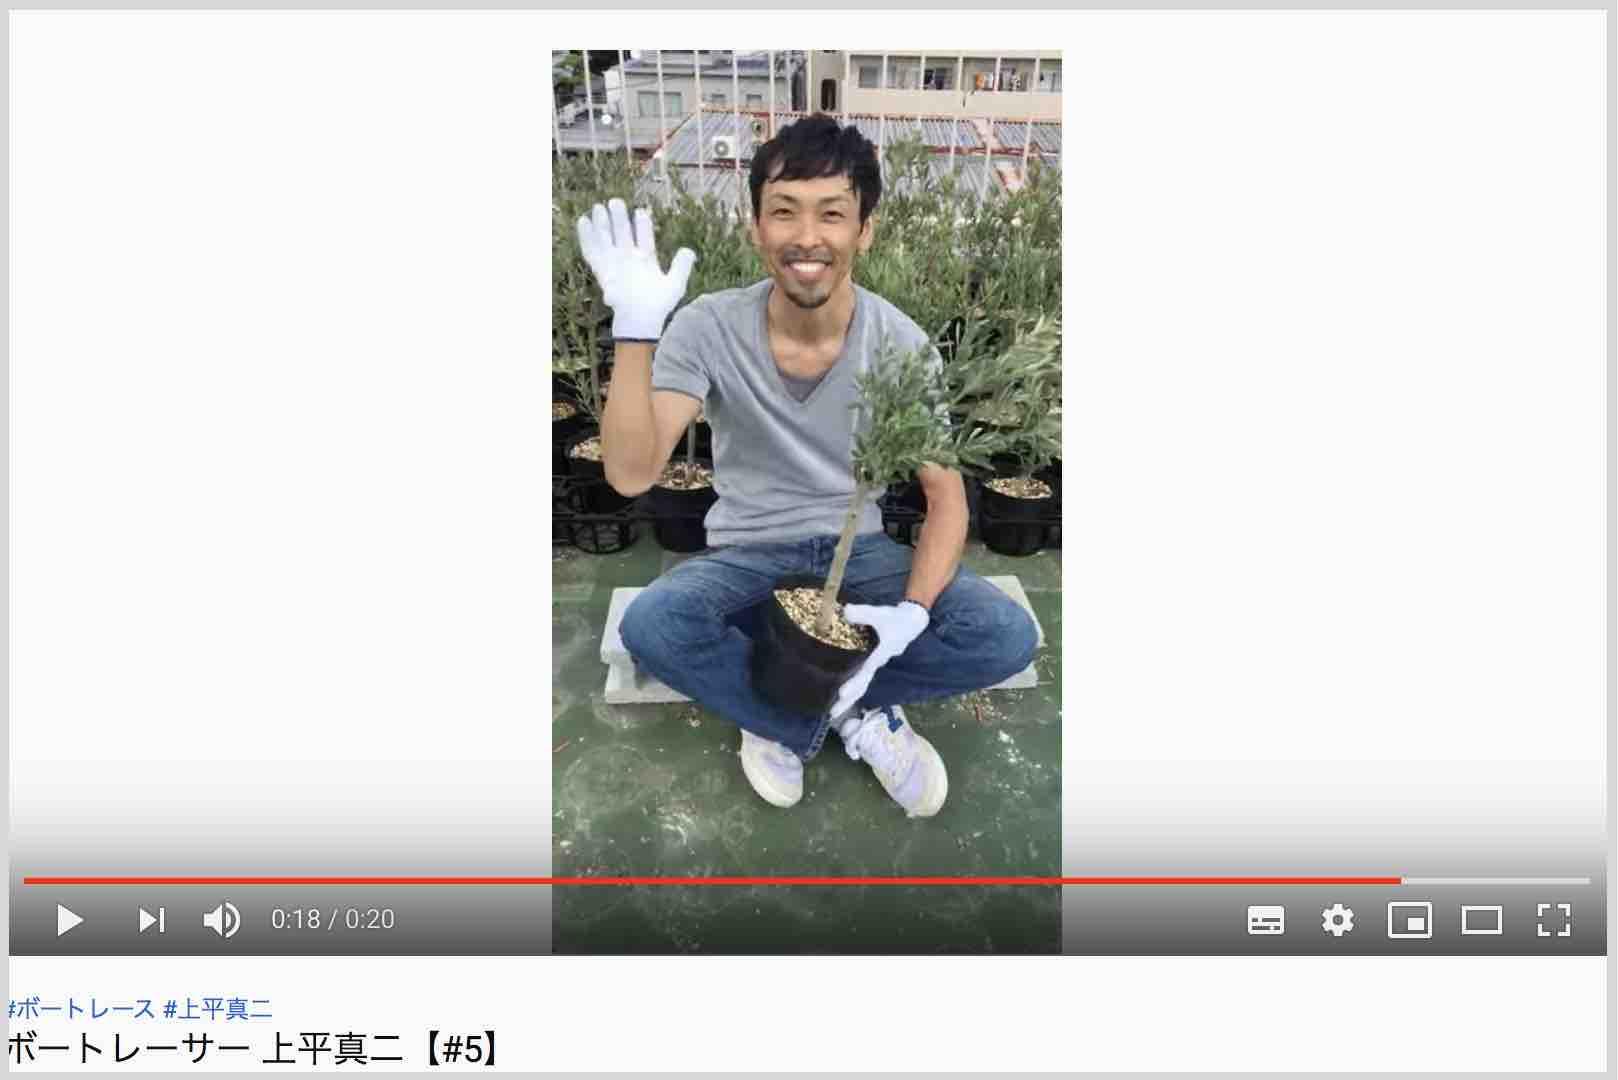 ボートレーサー上平真二のYouTube動画【第5回】